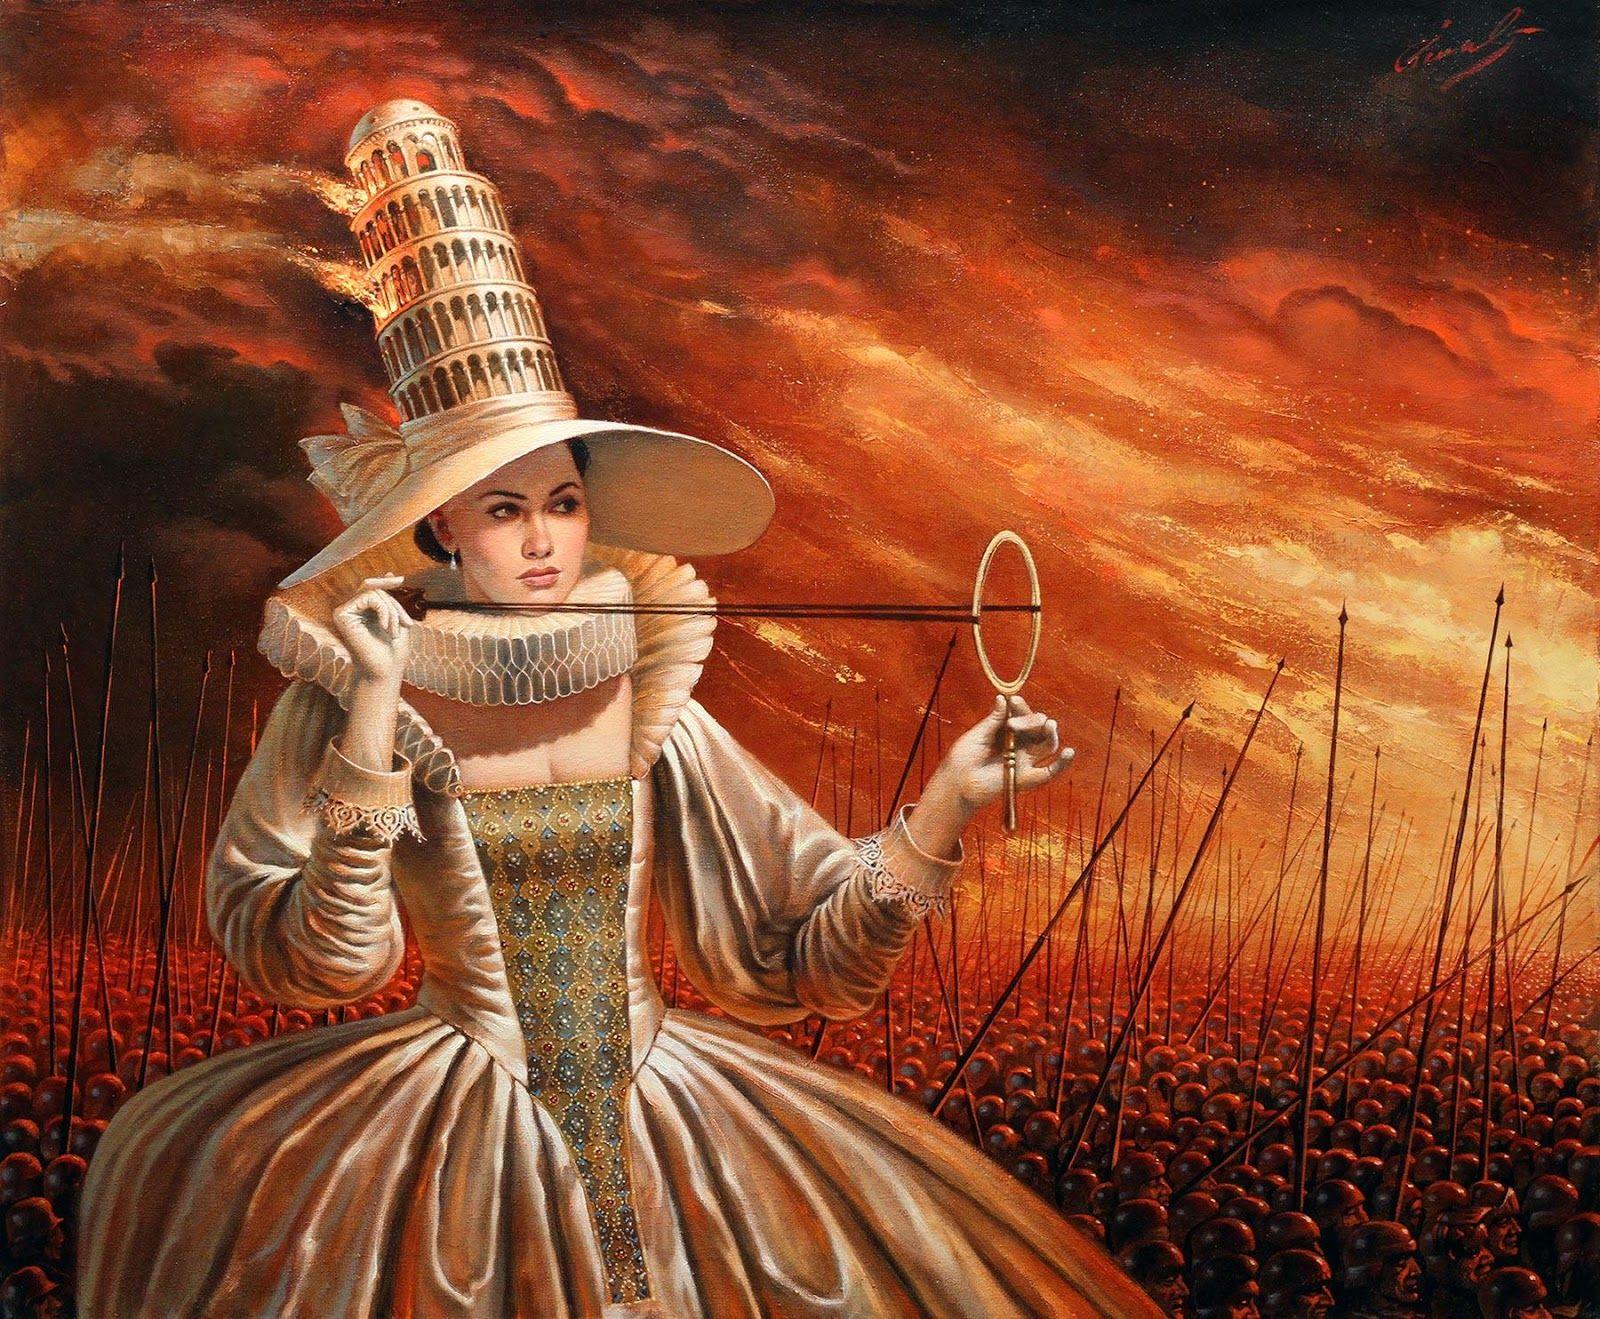 Сюрреализм в живописи: 5 ключевых картин, о которых нужно знать